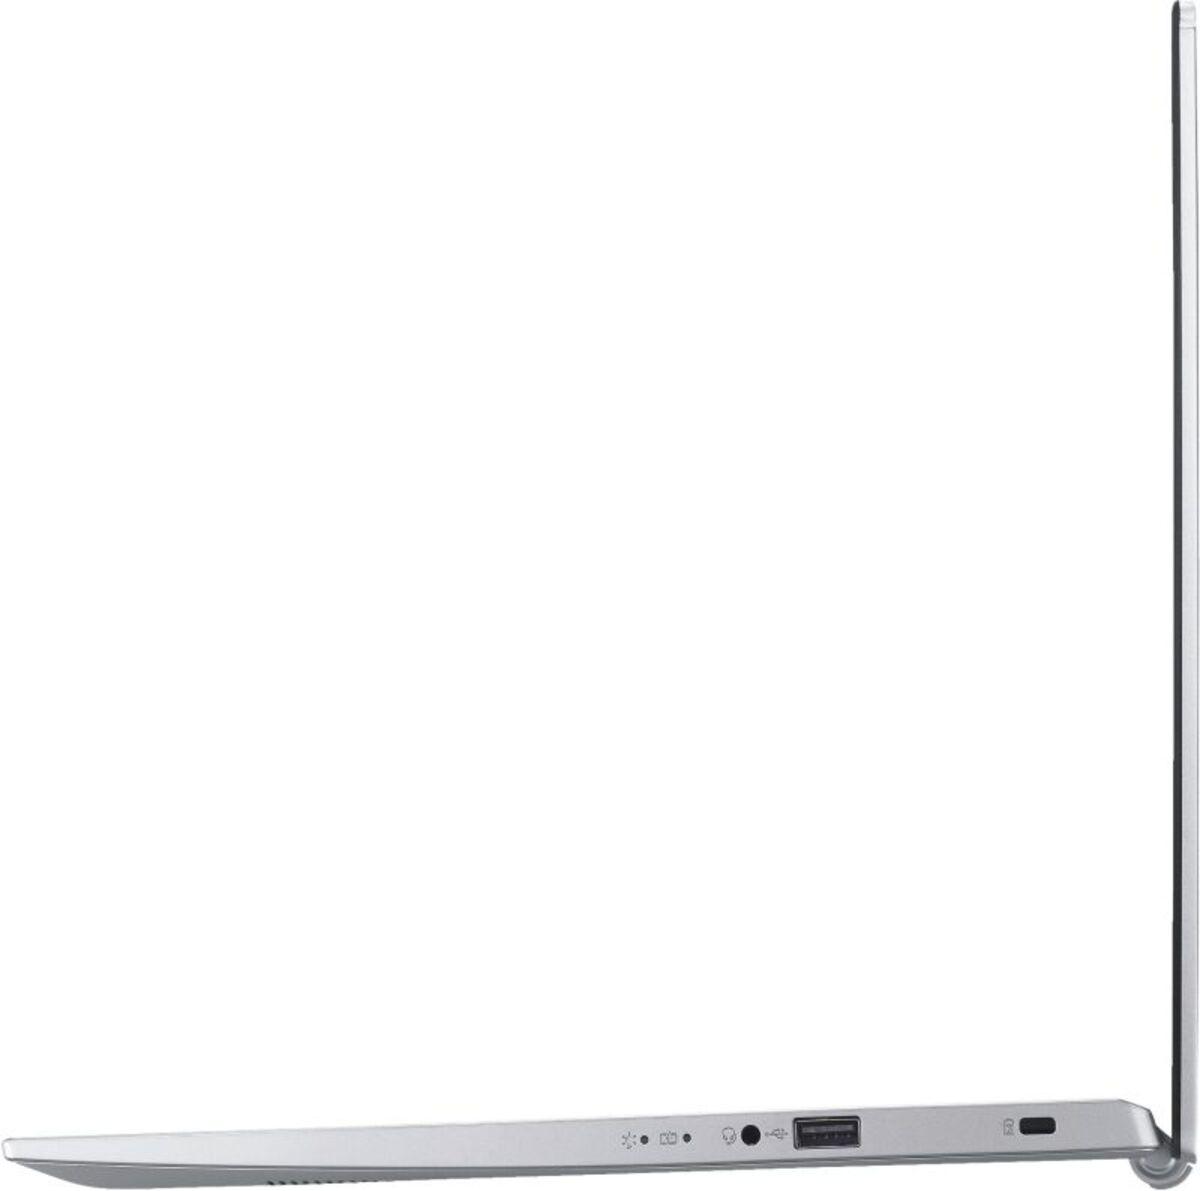 Bild 5 von Acer Aspire 5 (A515-56-P8NZ) Windows 10 Home S